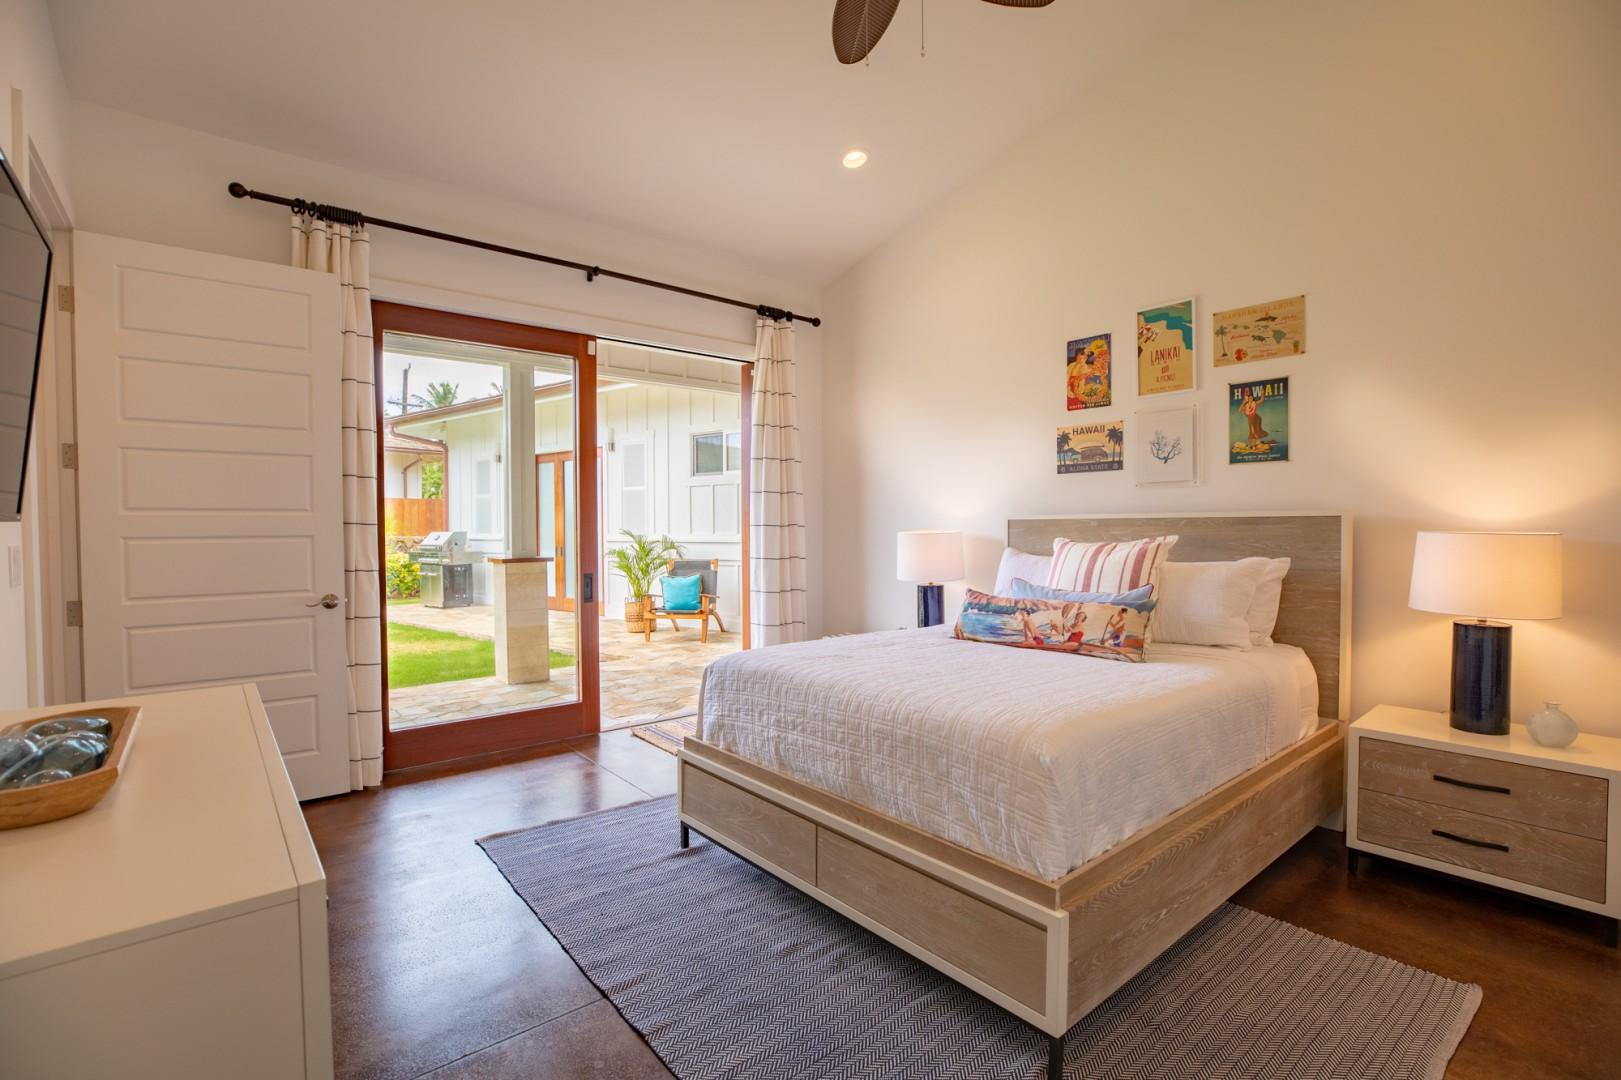 Guest Bedroom with Lanai Doors